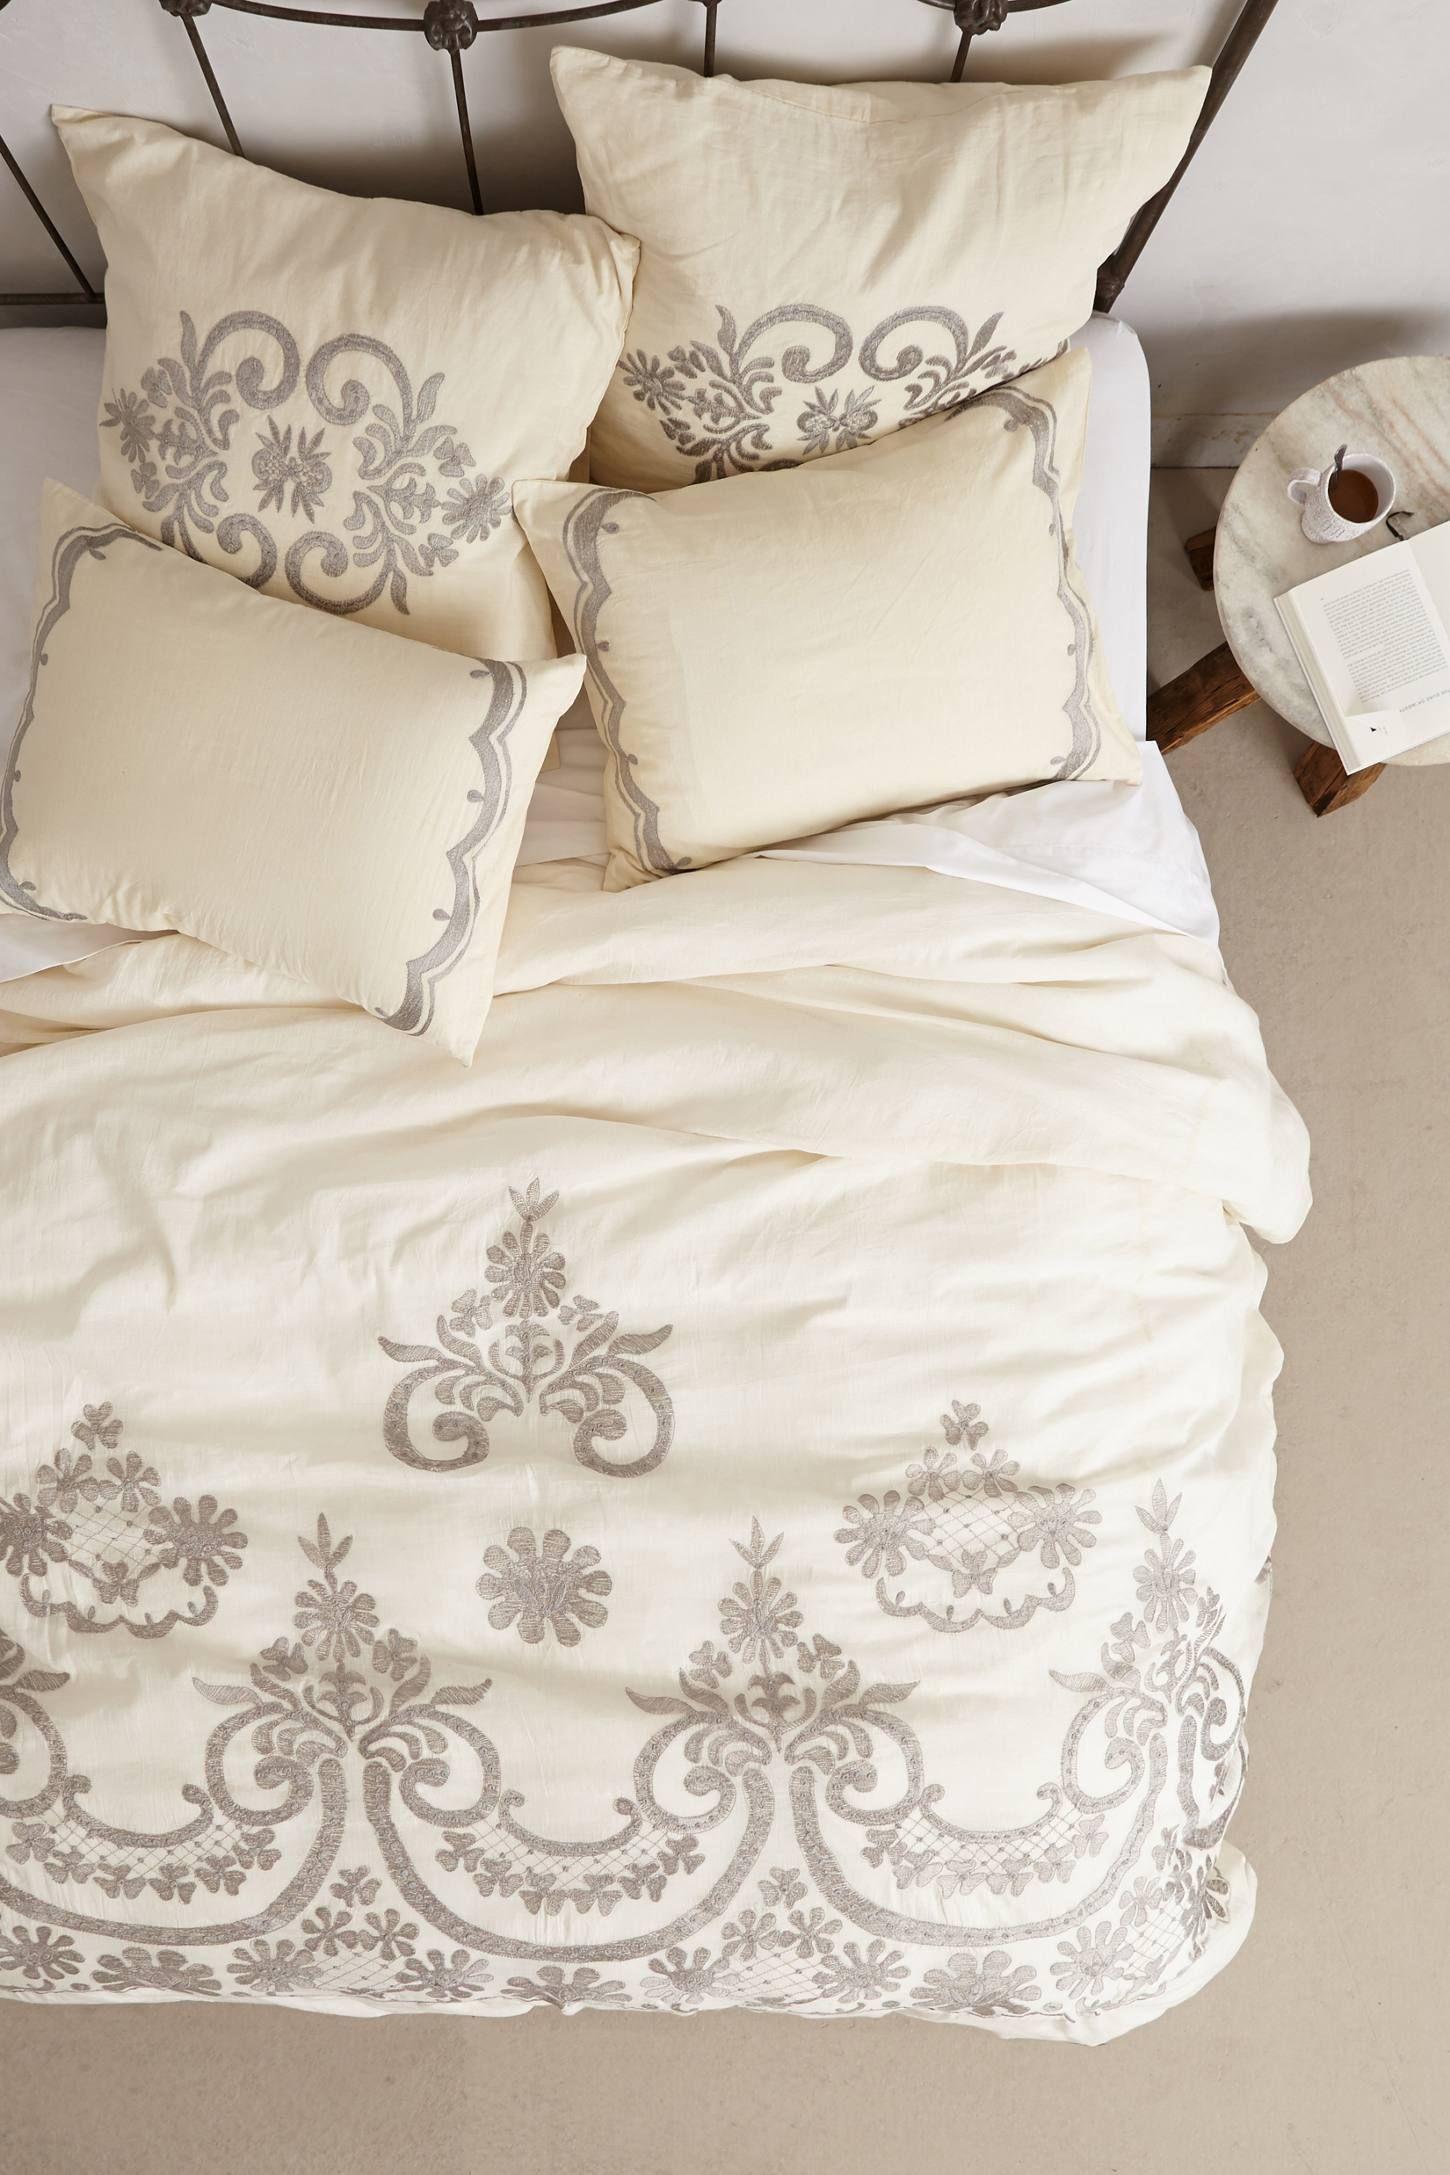 Anthropologie bedding - Bedding Sets